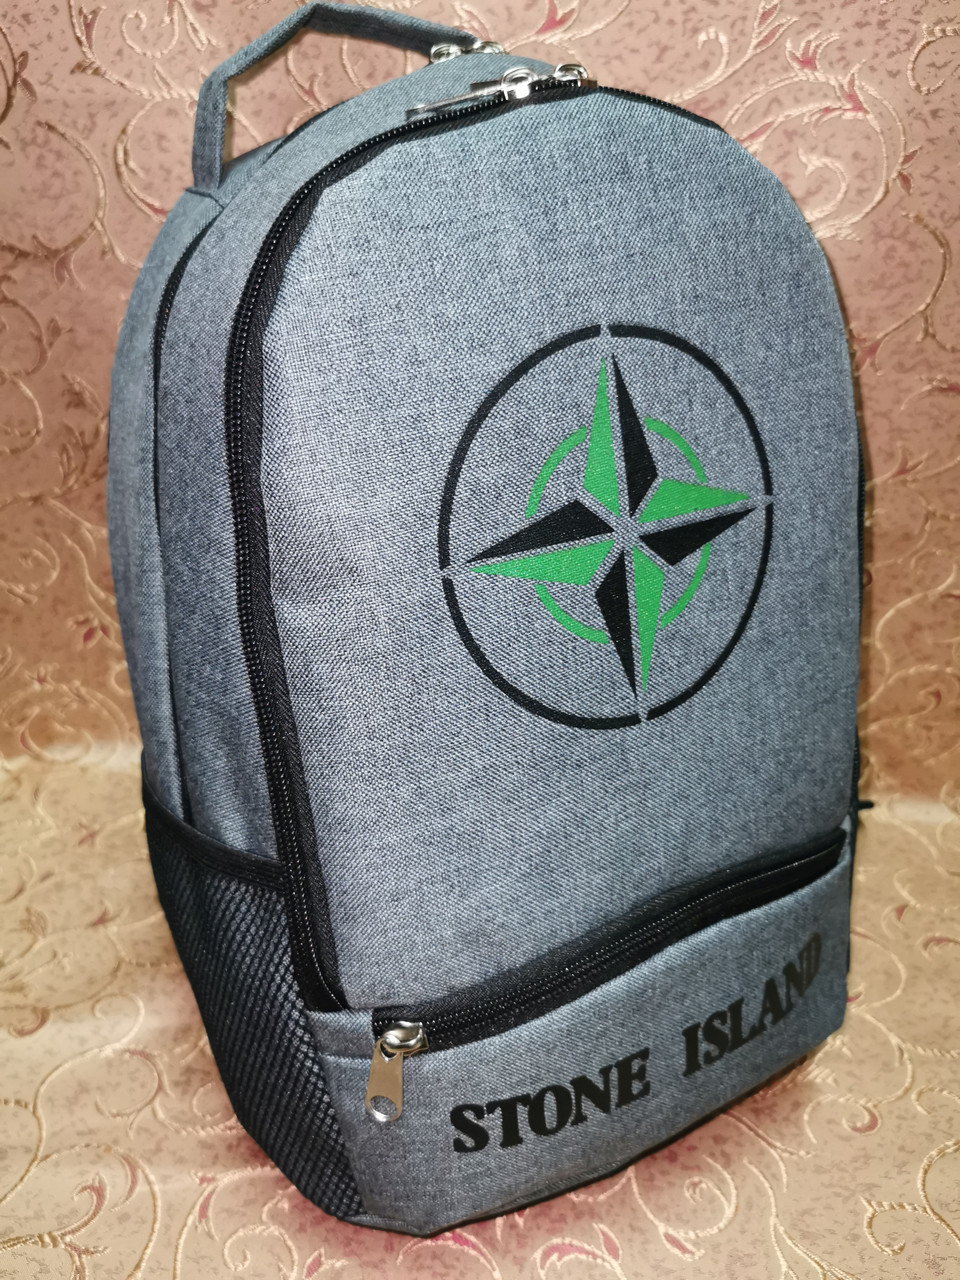 (38*26-маленький)Рюкзак спортивный stone island мессенджер Хорошее качество ткань катион матовый городской опт